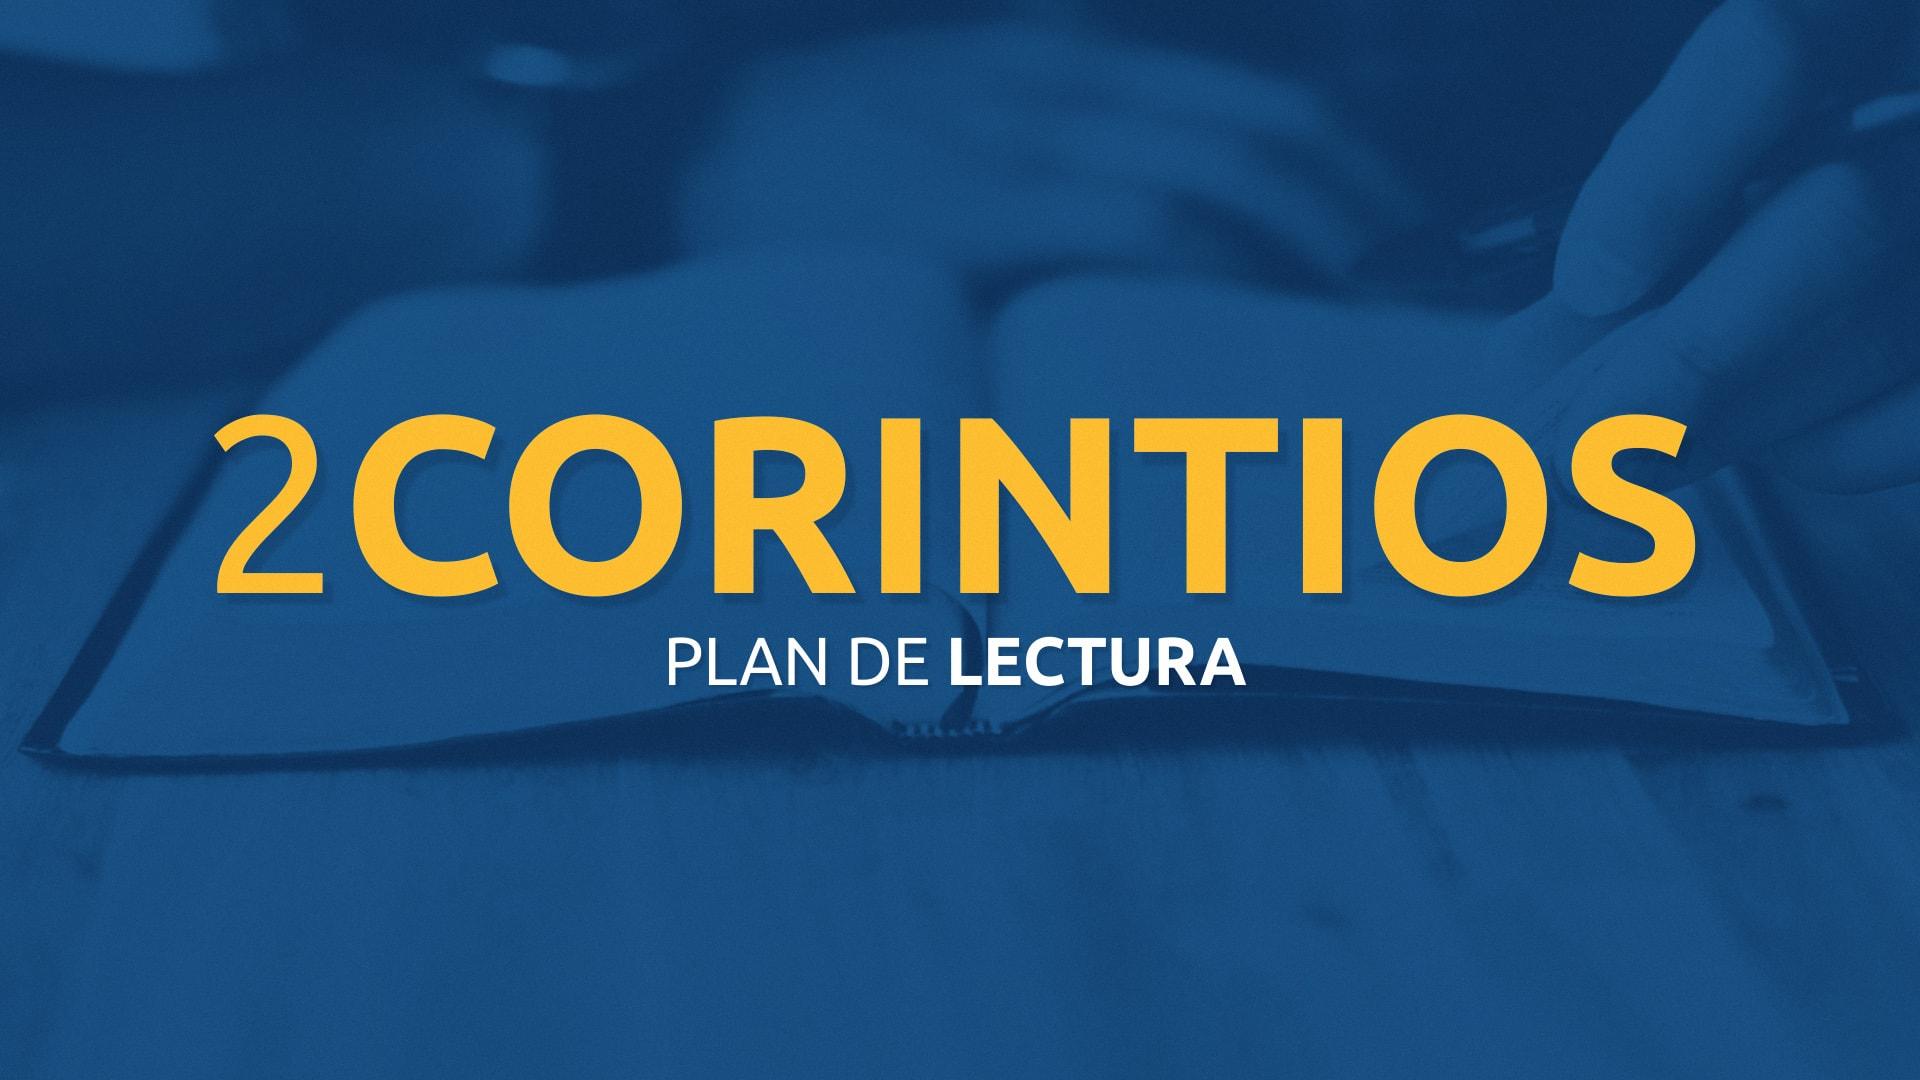 2 Corinitios